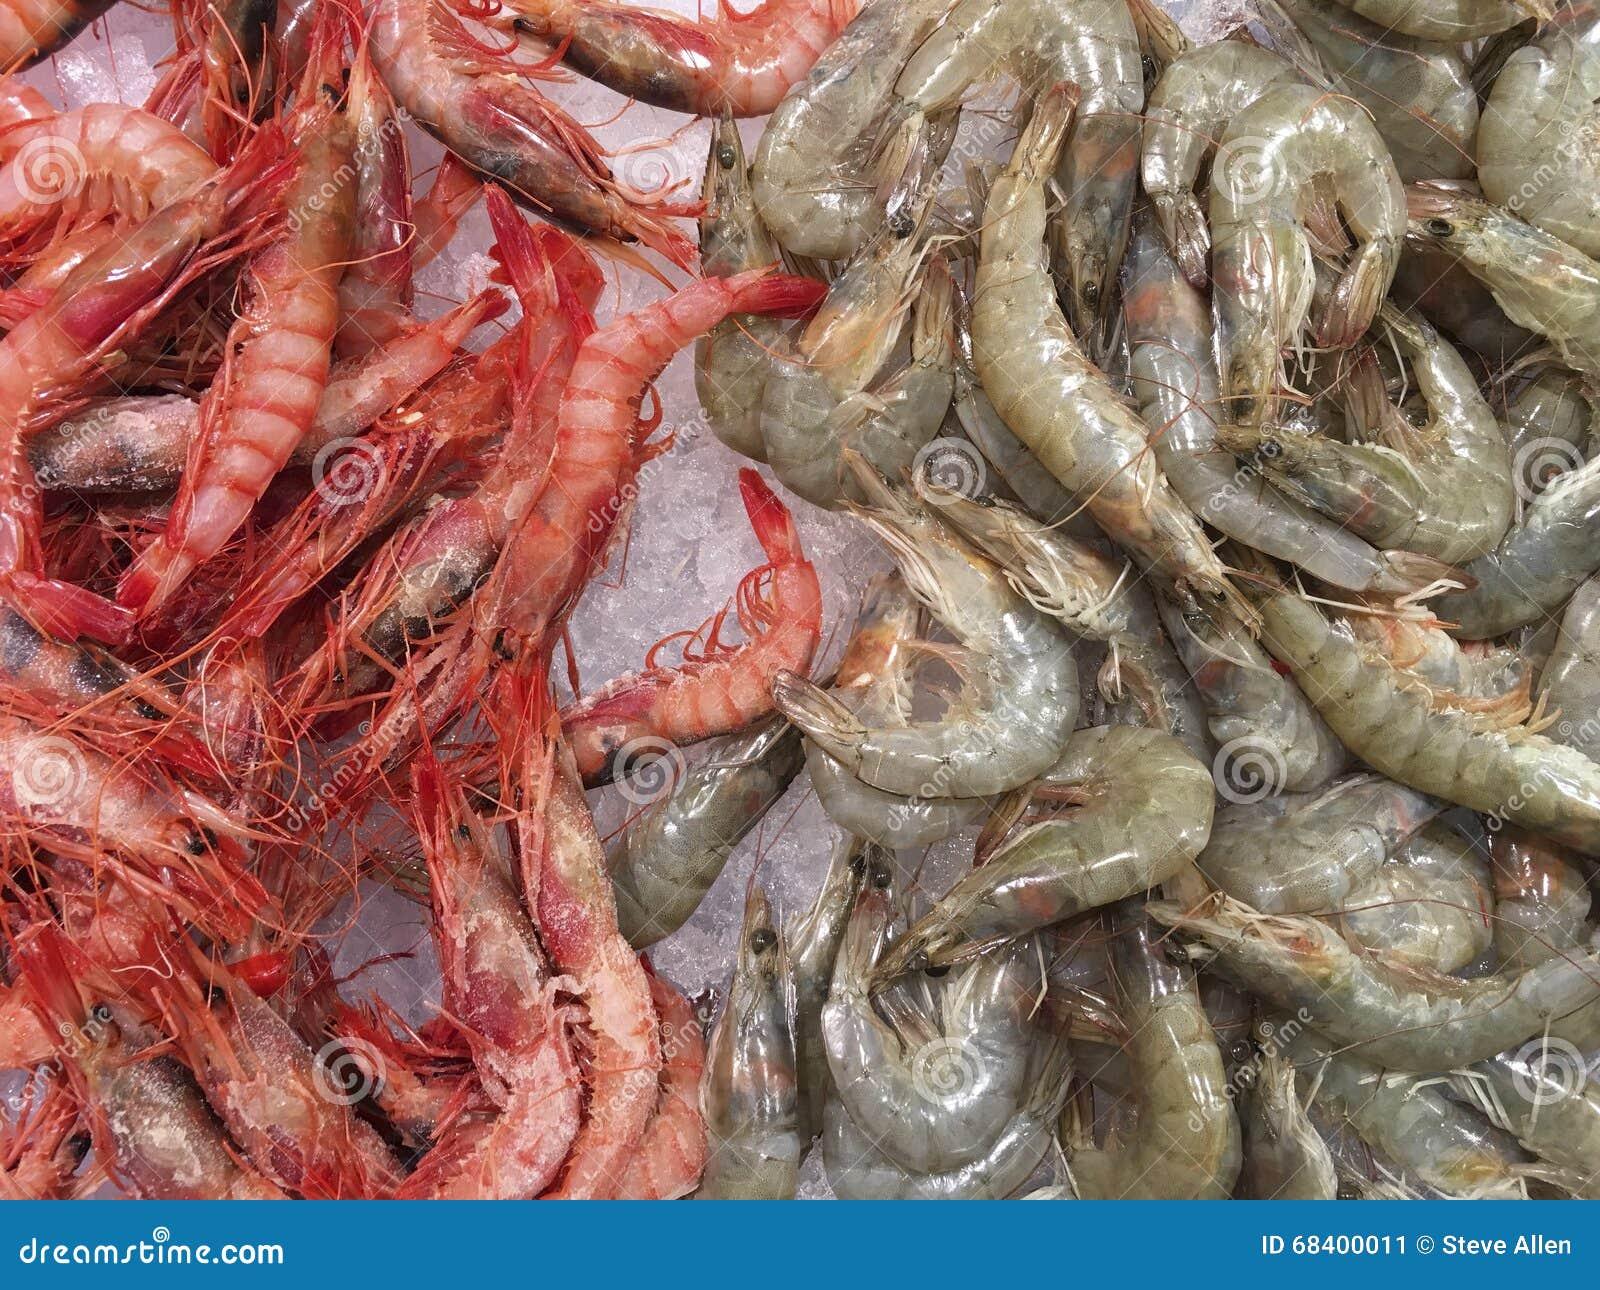 海鲜-大虾-虾图片